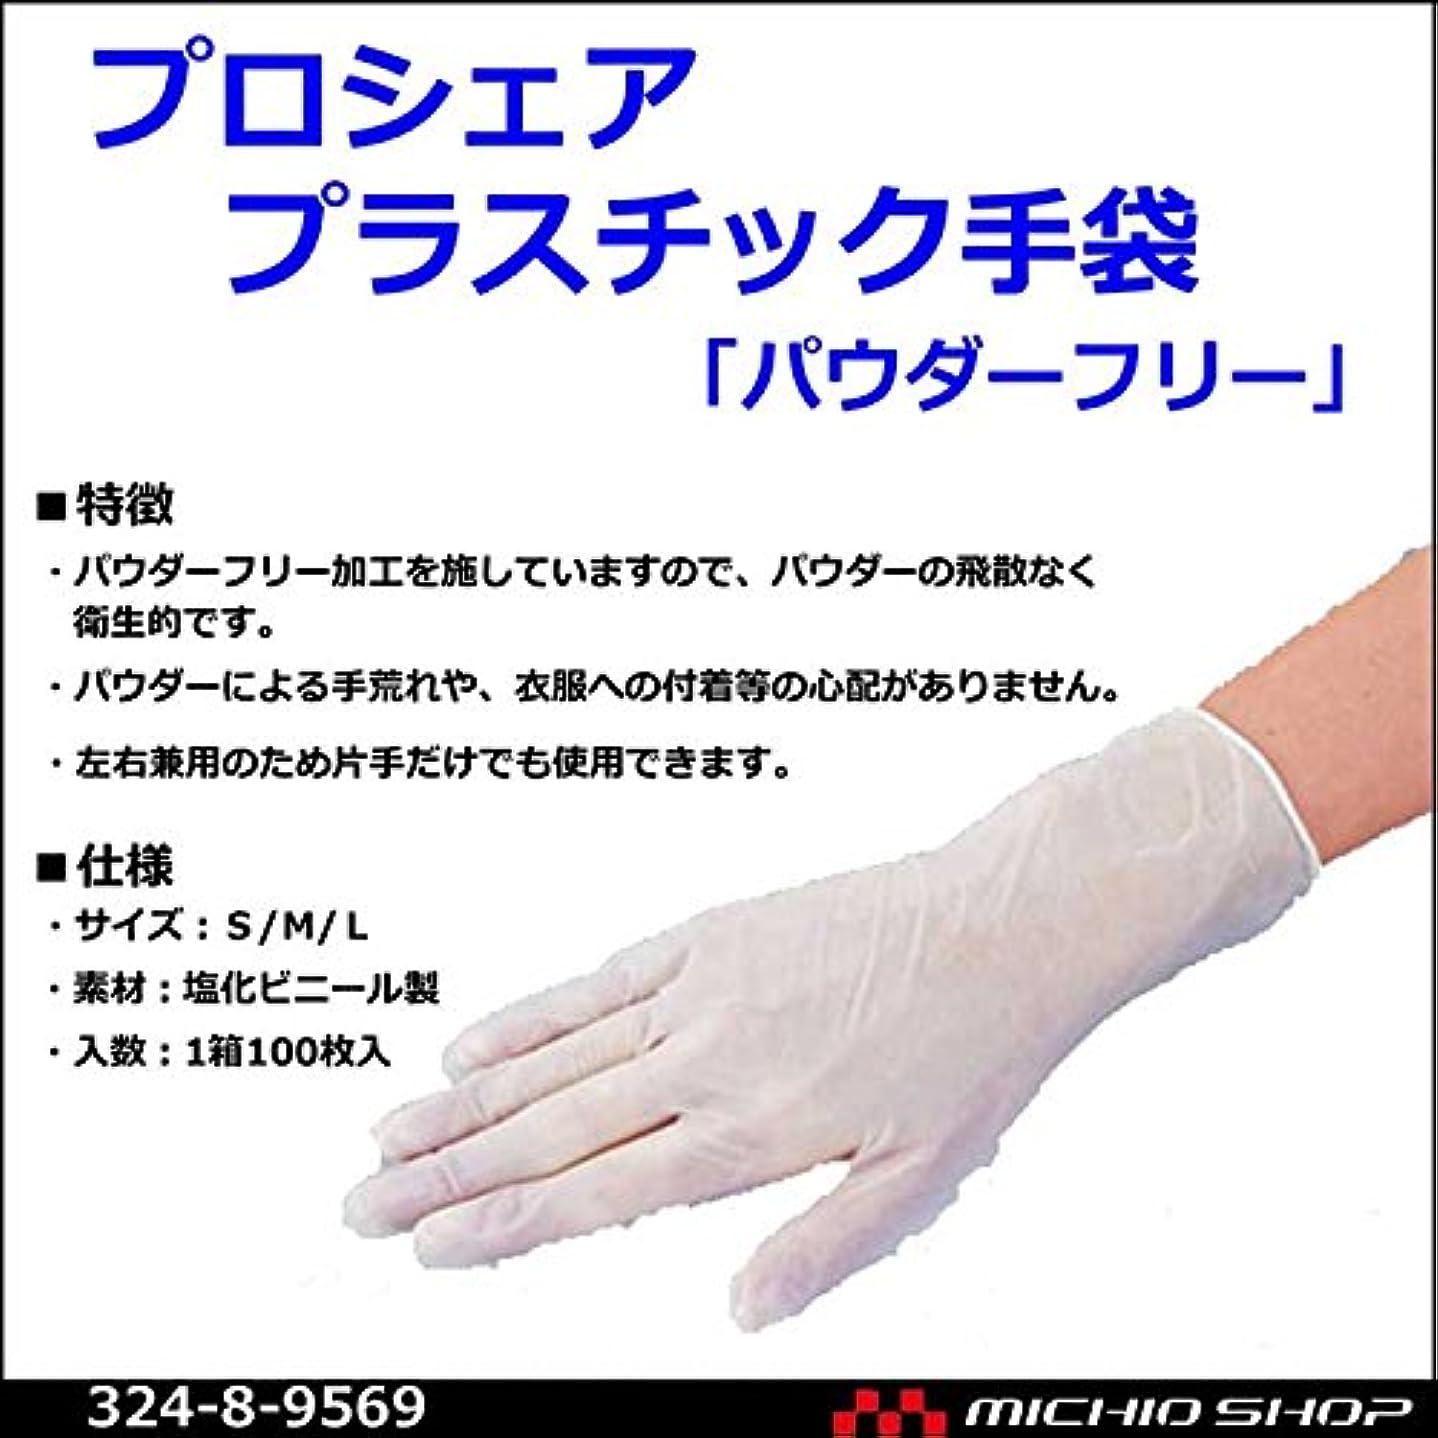 鏡ライトニング厚くするアズワン プロシェアプラスチック手袋 100枚入 8-9569 03 S